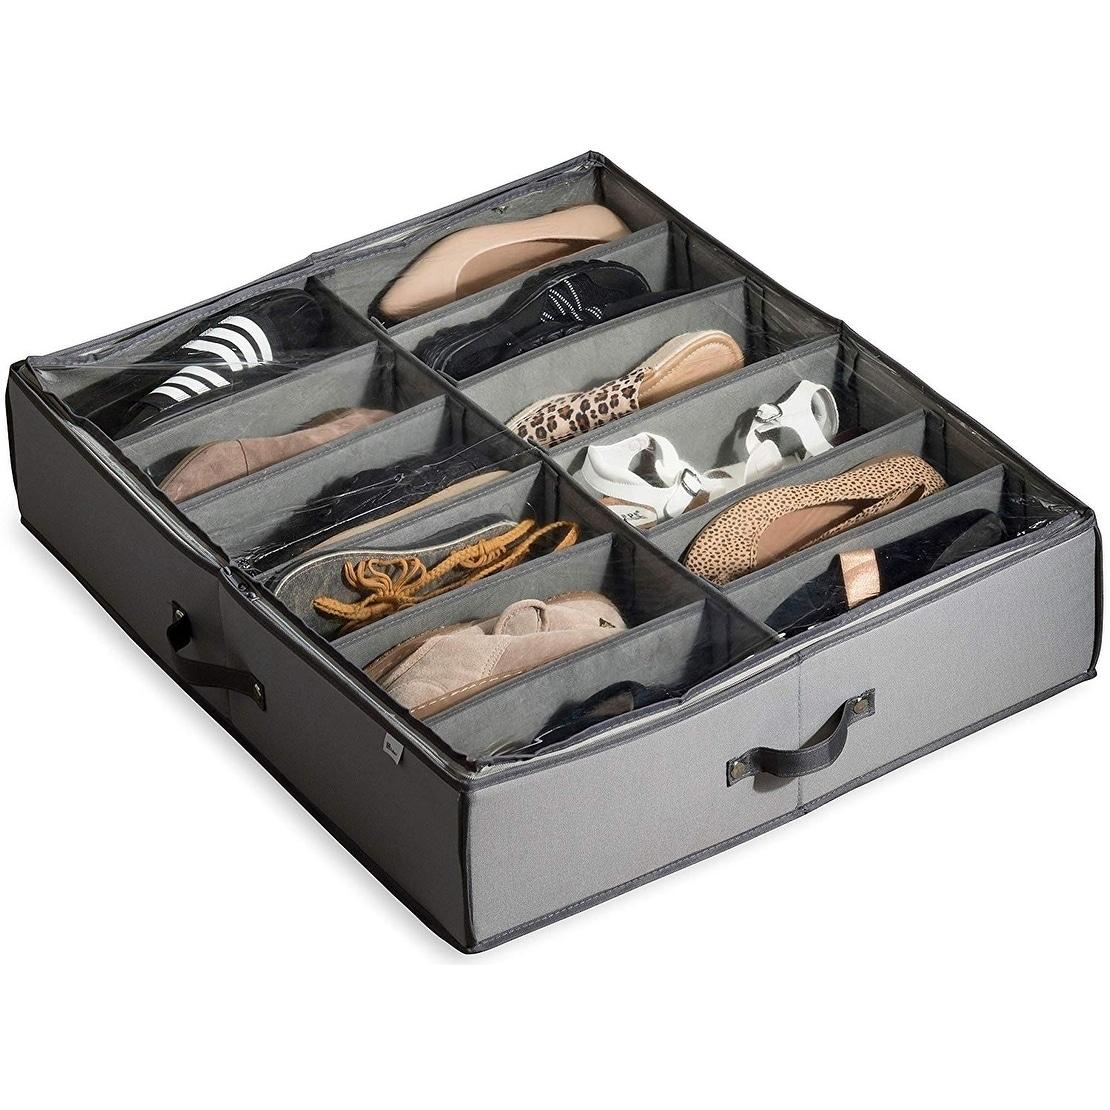 Underbed Shoe Storage Organizer